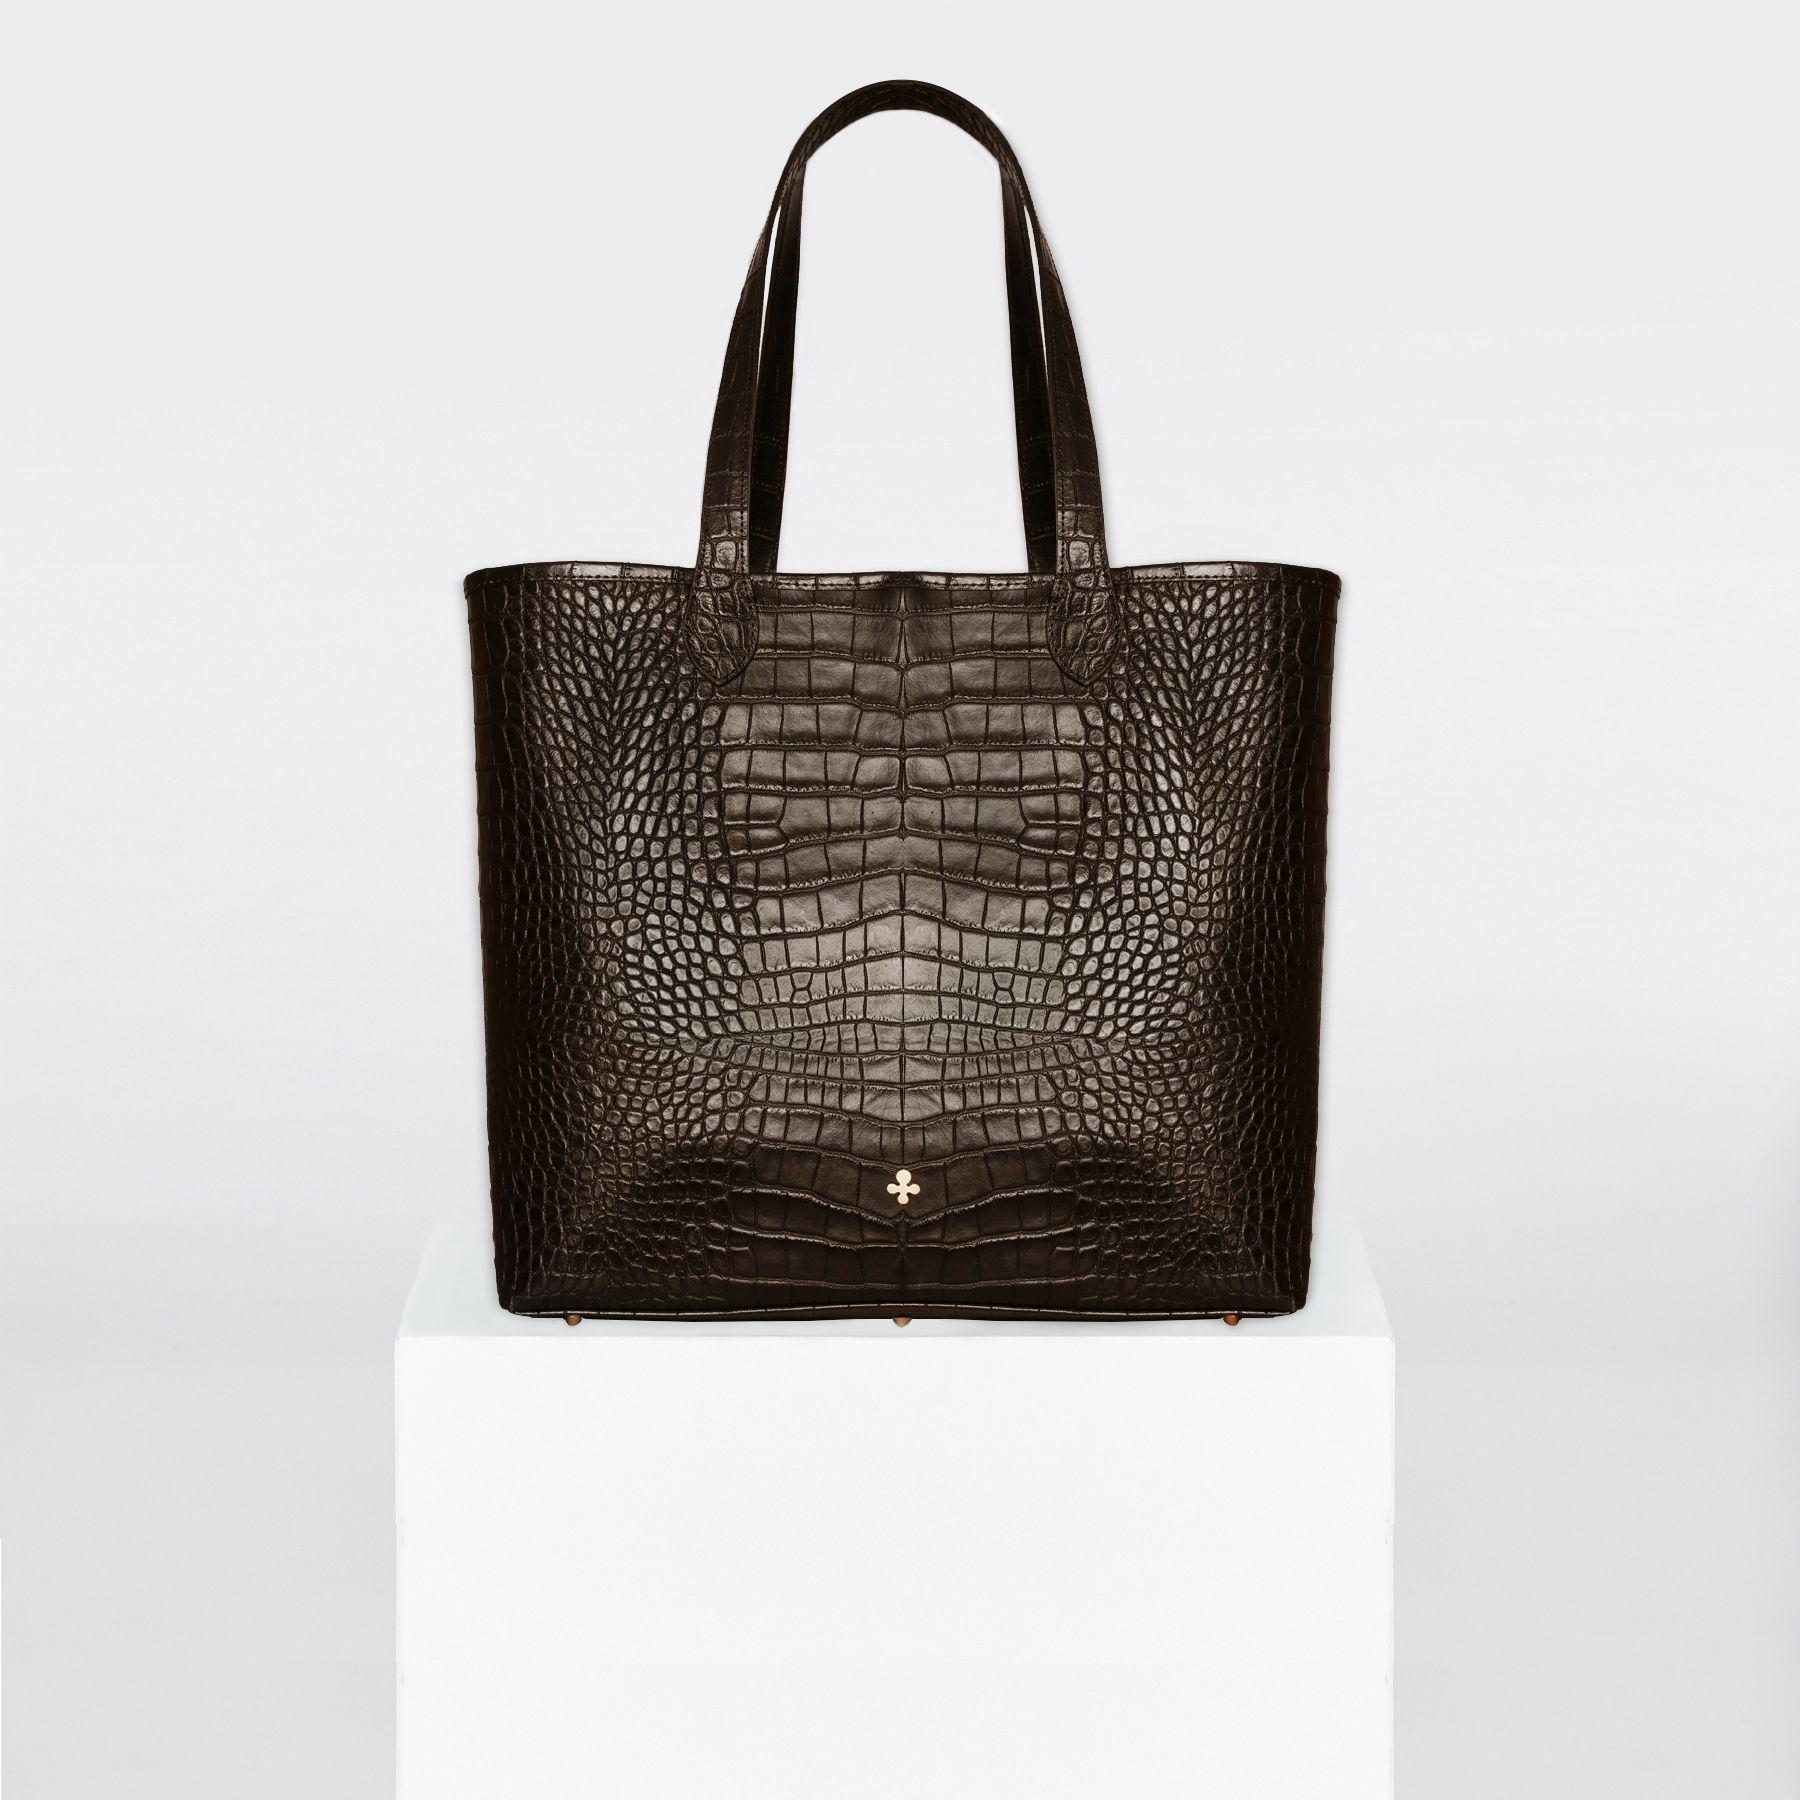 Shopper, brązowy krokodyl